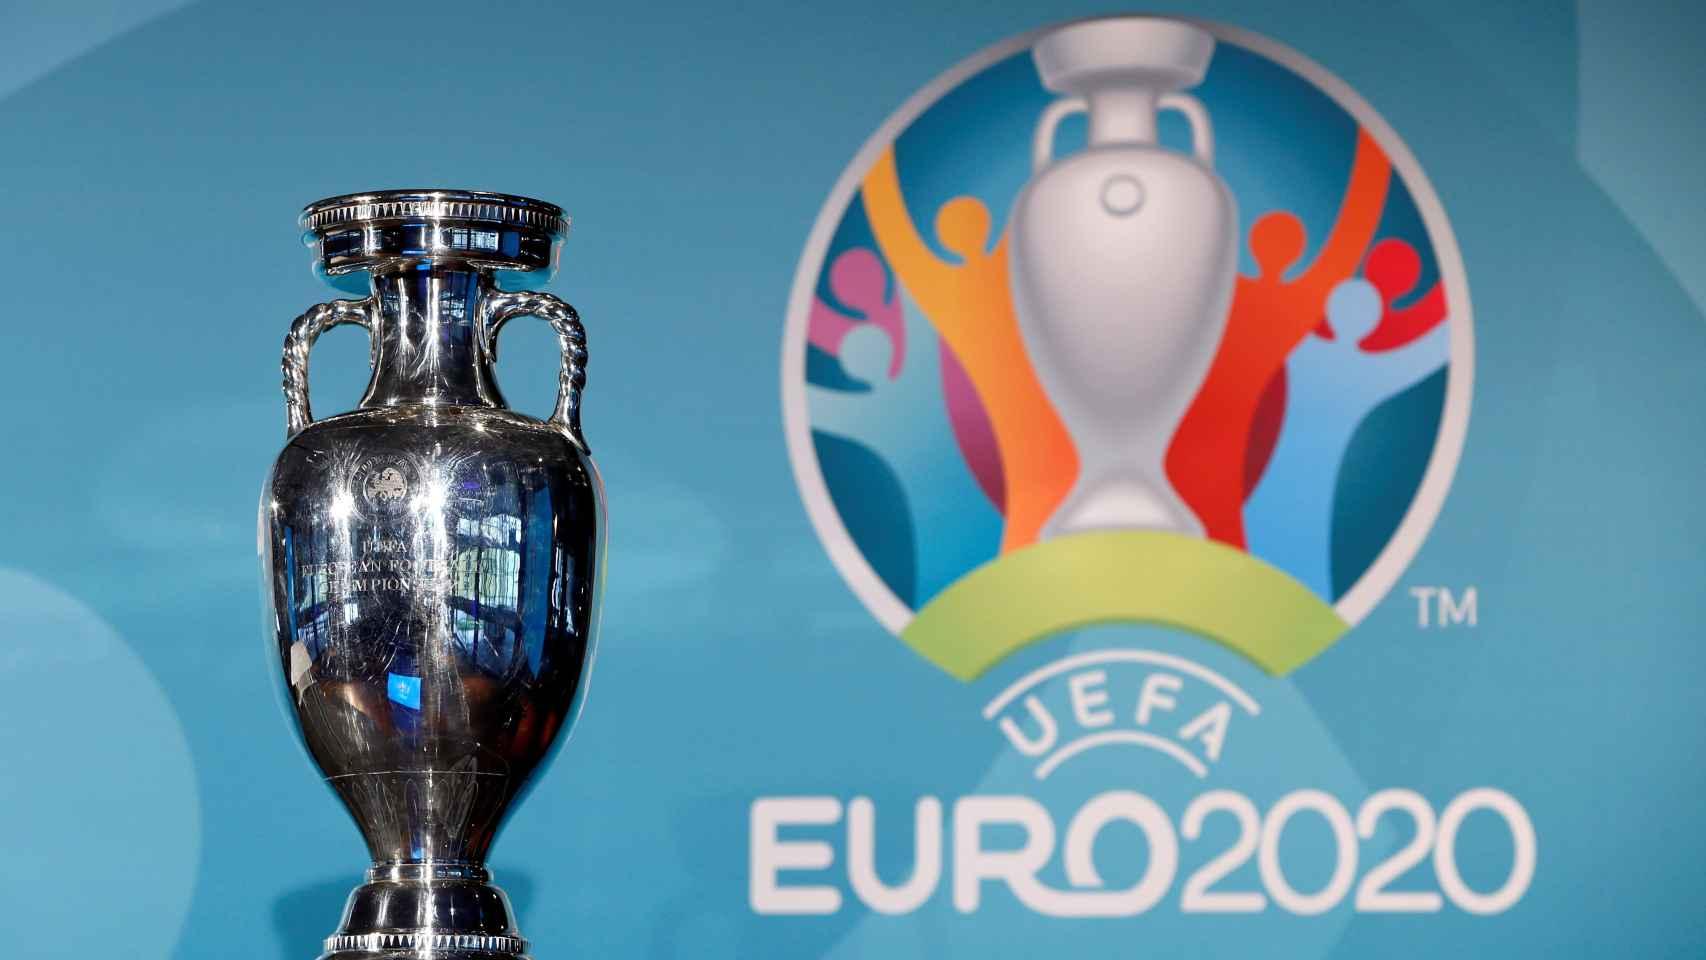 El título de la Eurocopa y el logo de la Euro 2020